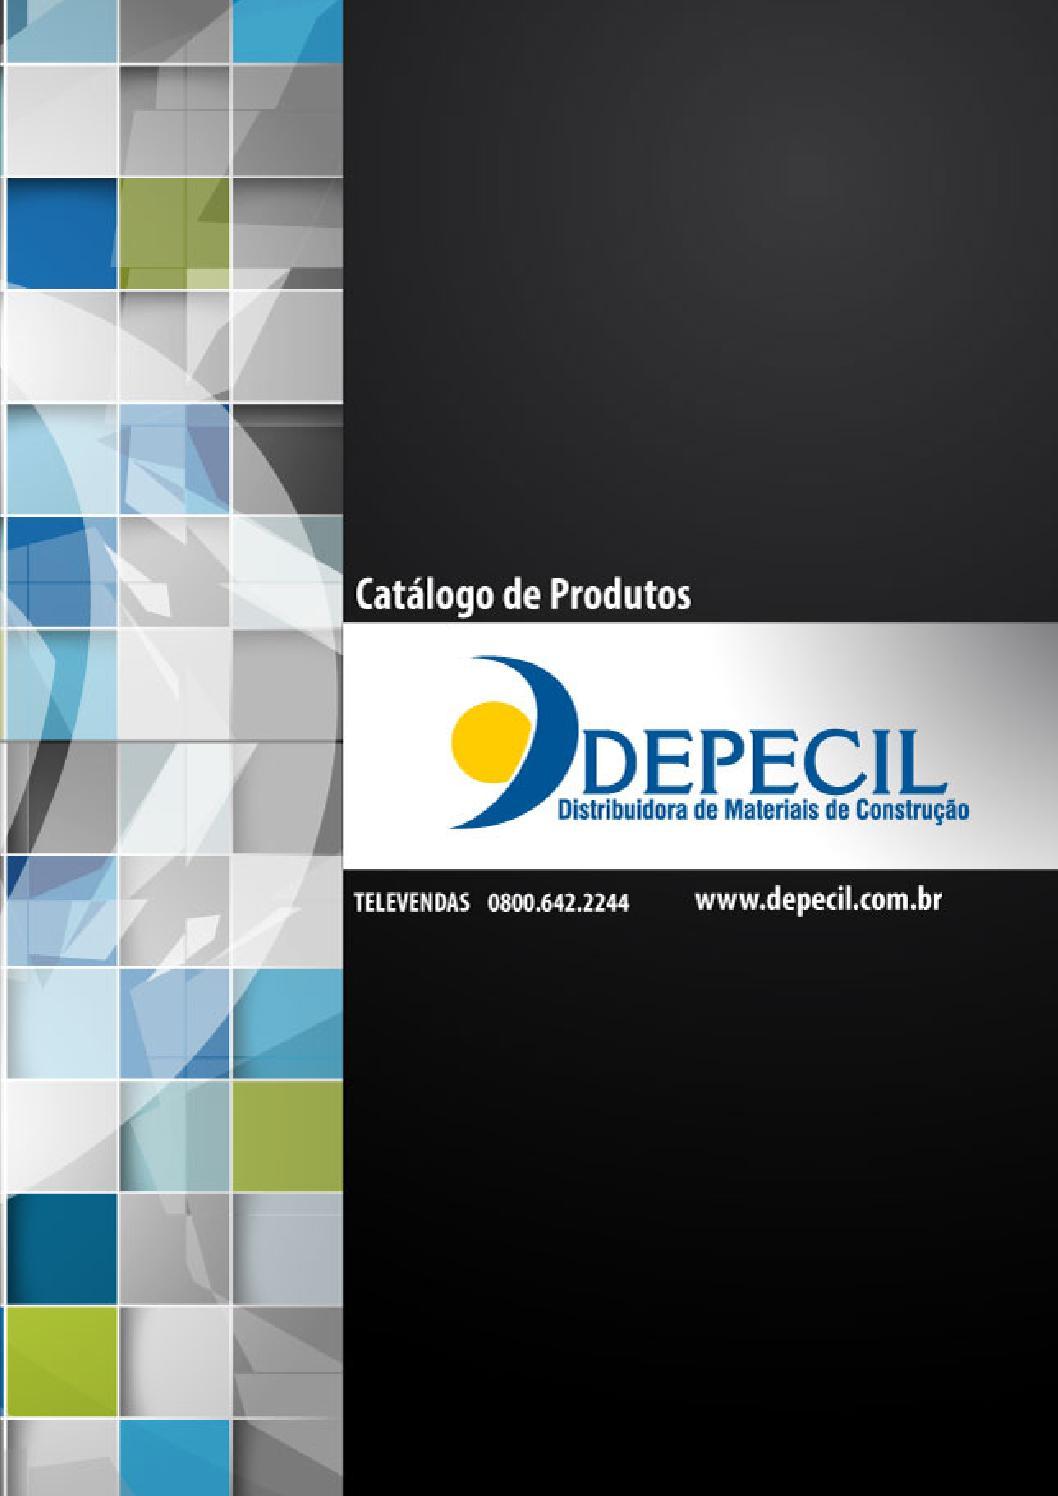 Catálogo atualizado março depecil 2014 by Depecil - issuu b66ac32169